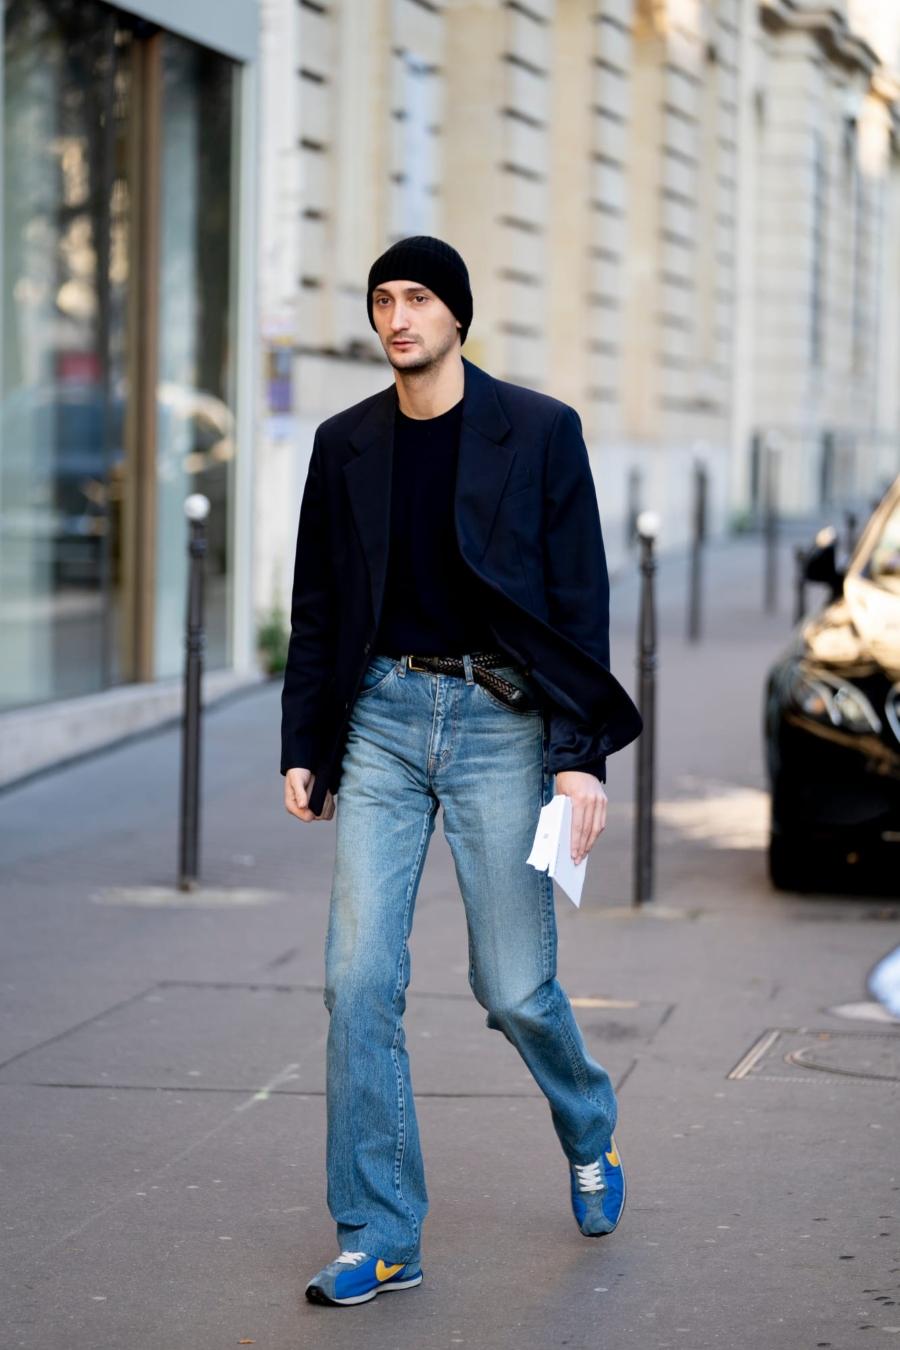 Blazer cùng với quần jeans